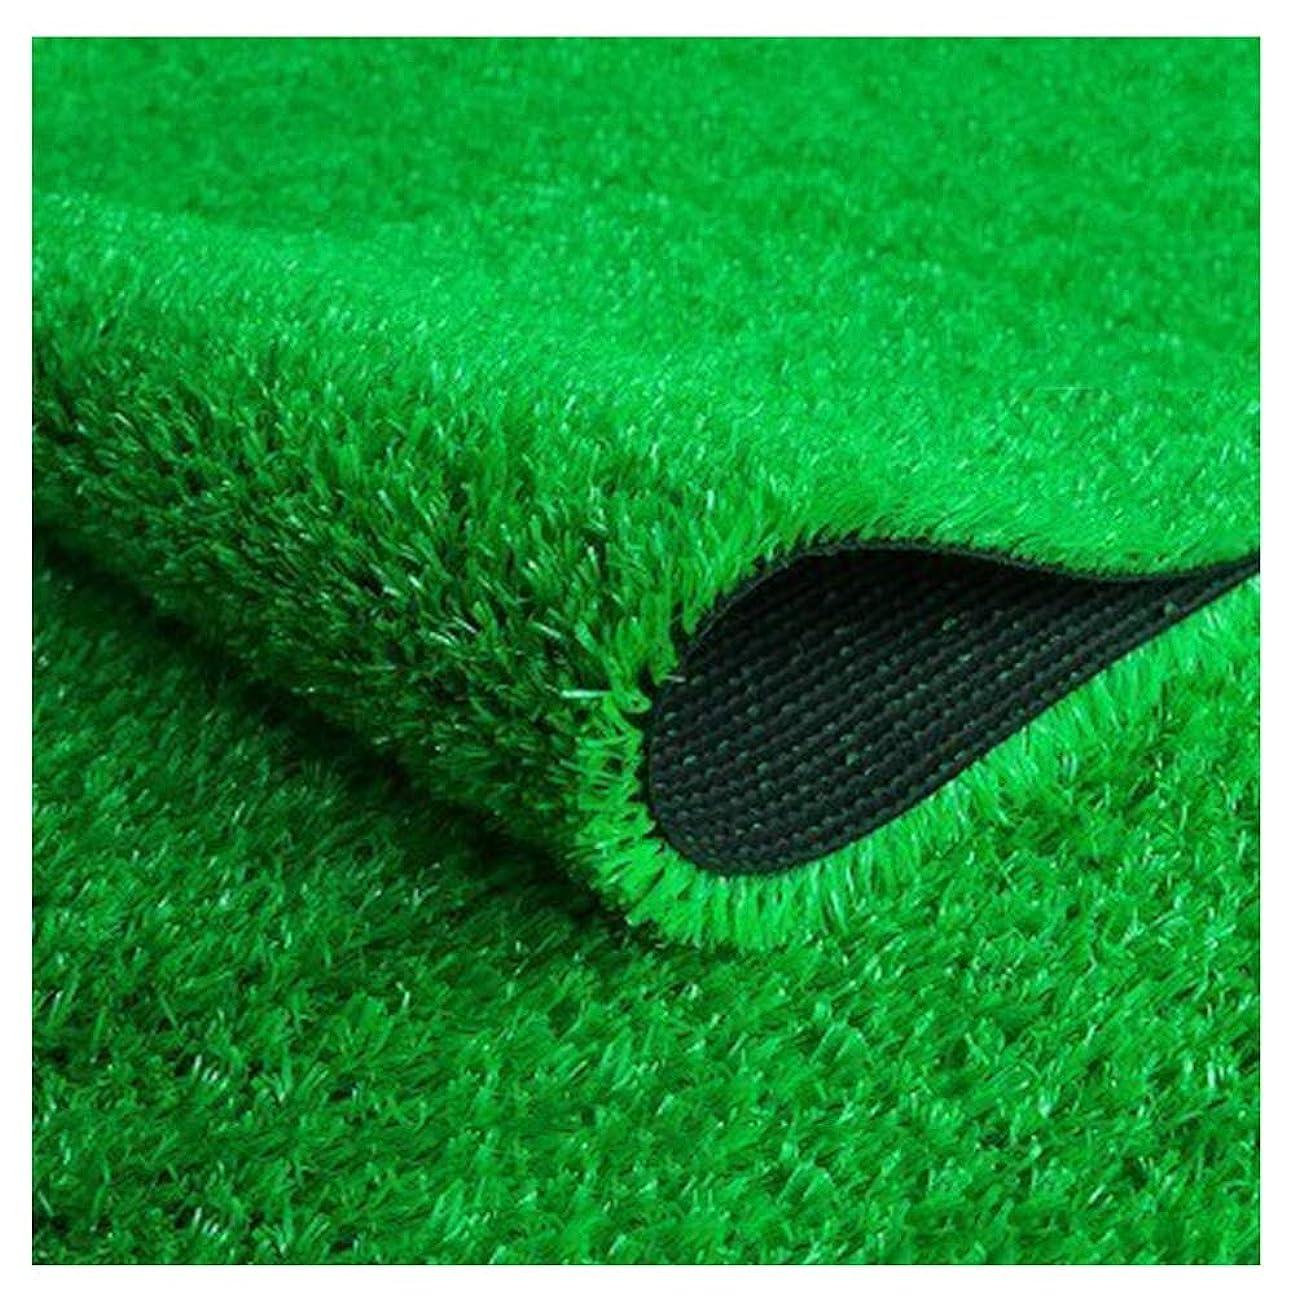 その他やむを得ない増加するYNGJUEN 高品質合成人工芝15ミリメートルの高さ、高密度休日の芝生、自然の庭の芝生 (Size : 2x4m)